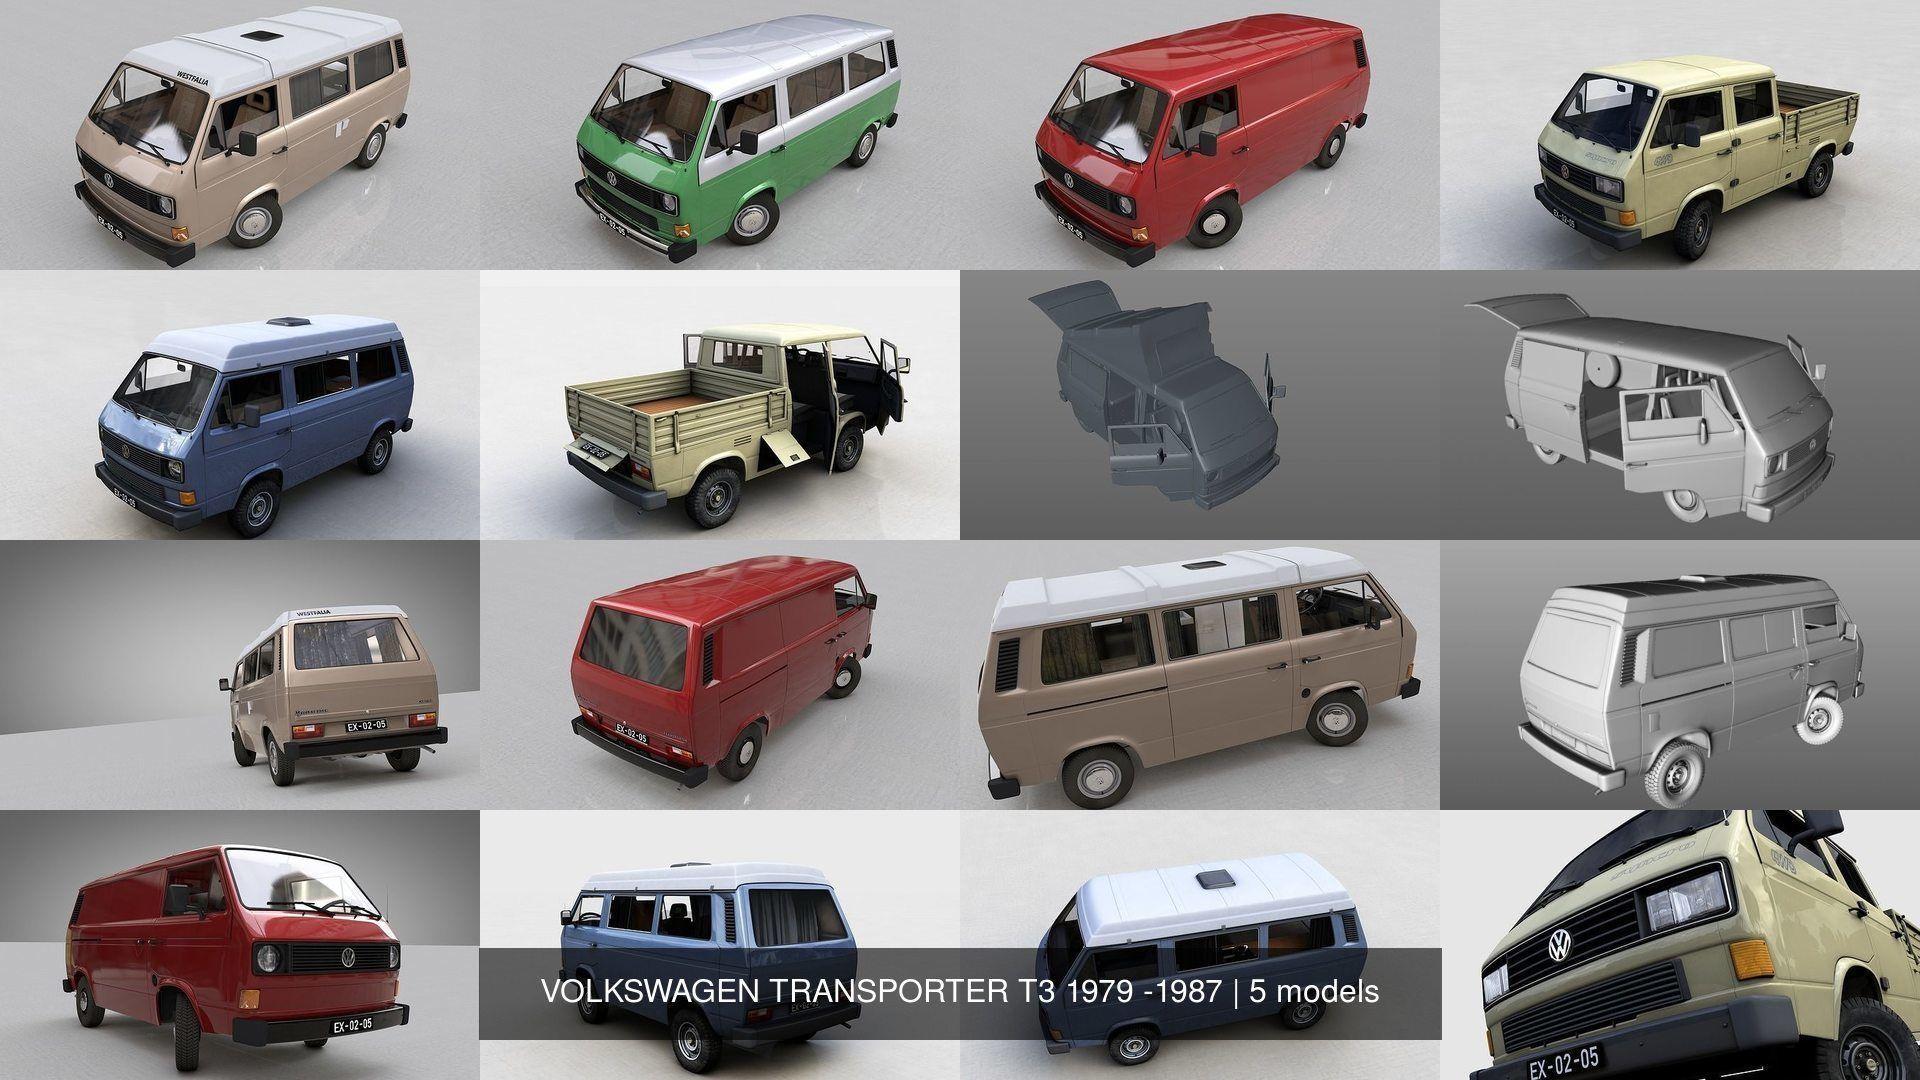 VOLKSWAGEN TRANSPORTER T3 1979 -1987